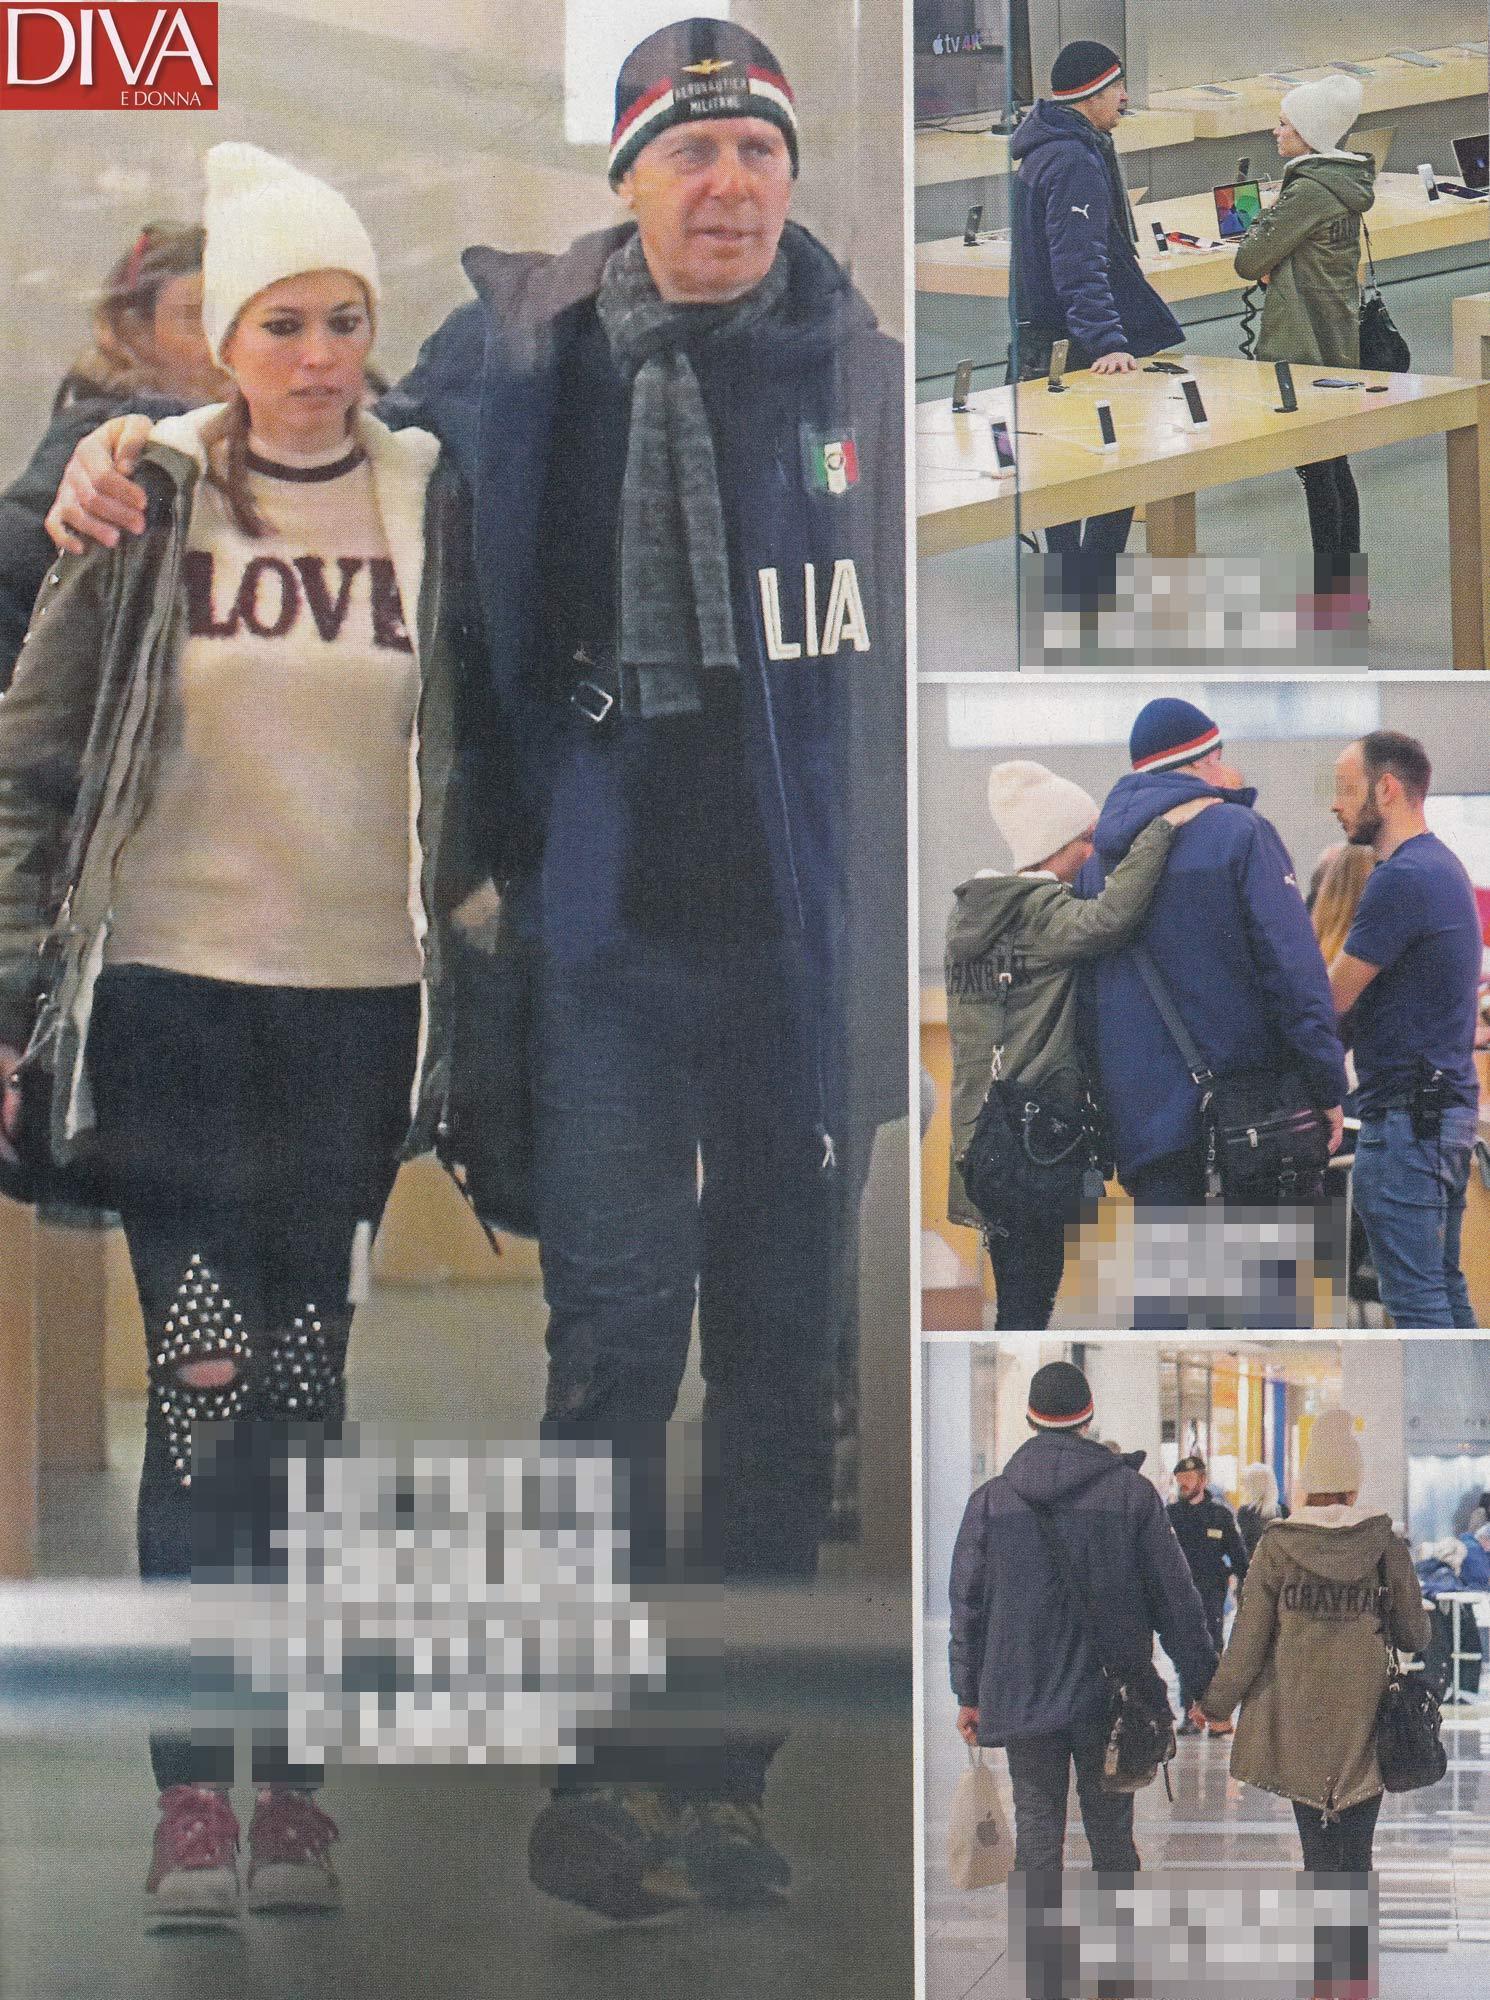 Fabrizio frizzi con la sua carlotta mantovan foto tgcom24 for Diva e donne